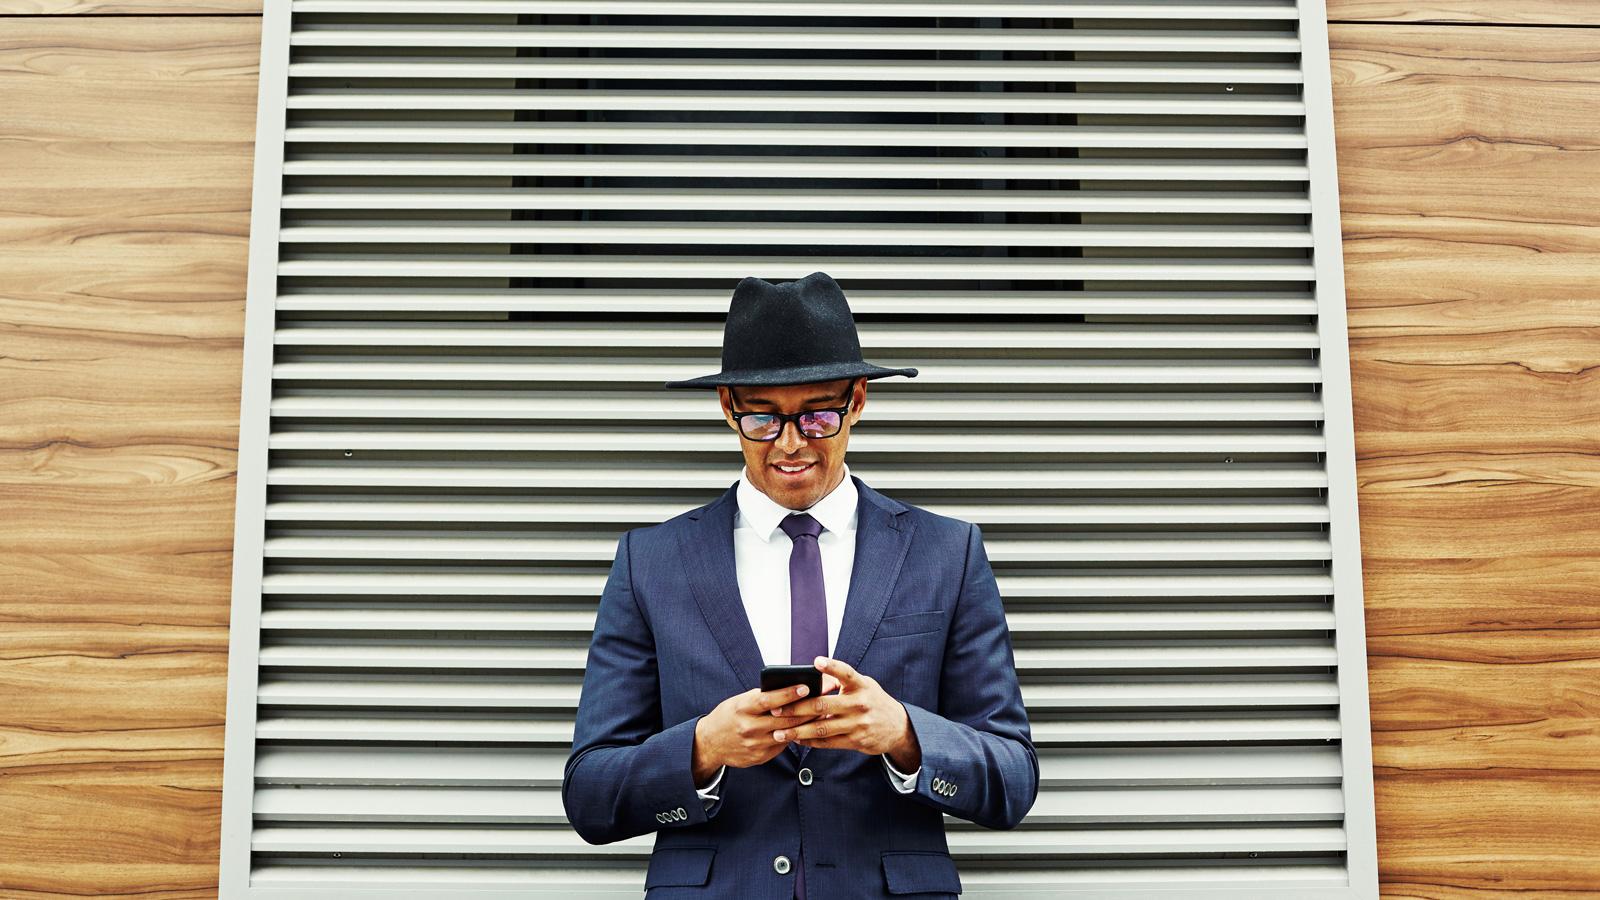 Polacy mobilną aktywność przenieśli z komunikacji miejskiej do domów Polacy mediarun buissnesmen telefon mobile 2020